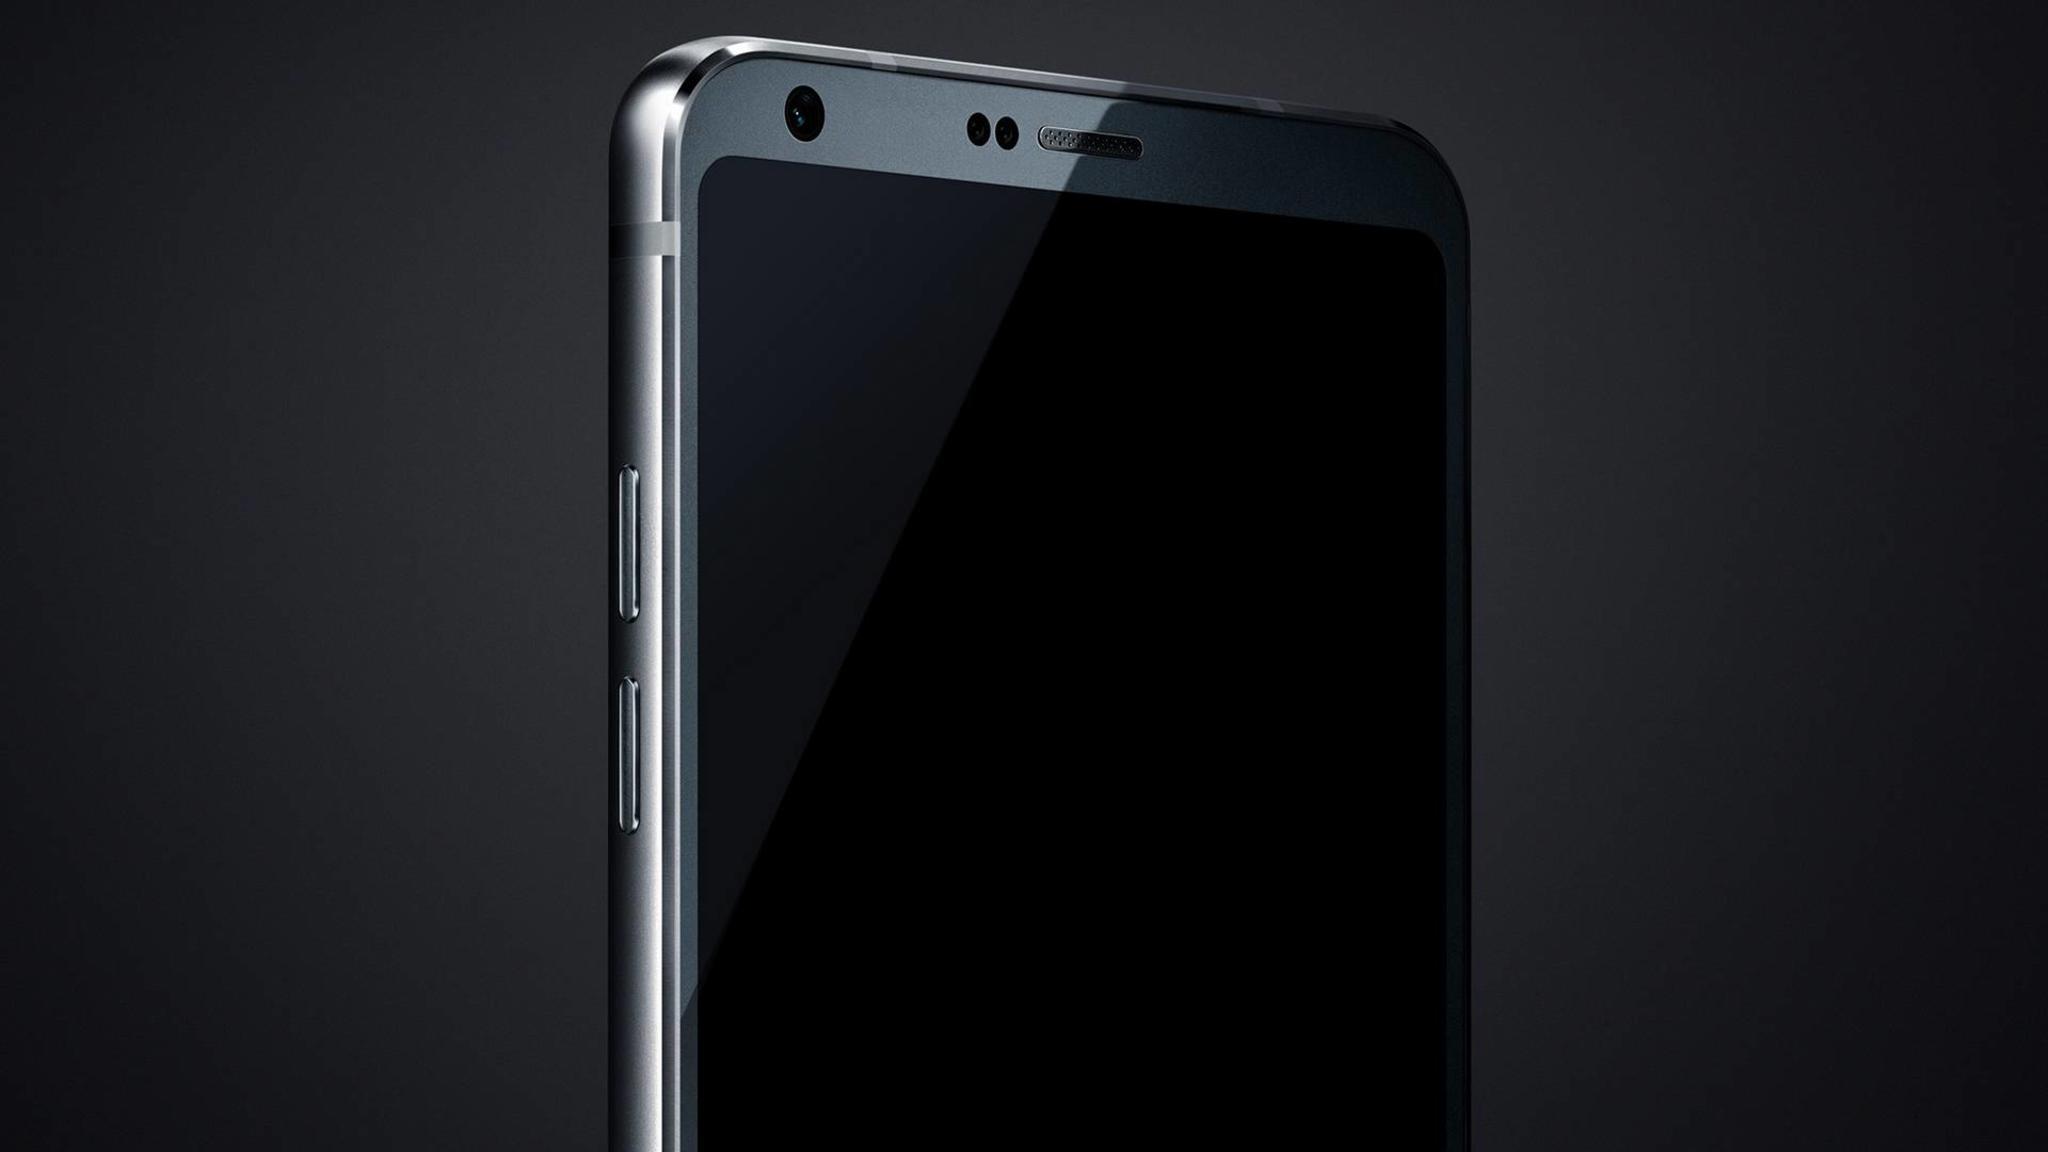 Lange vor dem Release zeigt sich das LG G6 auf diesem geleakten Bild.